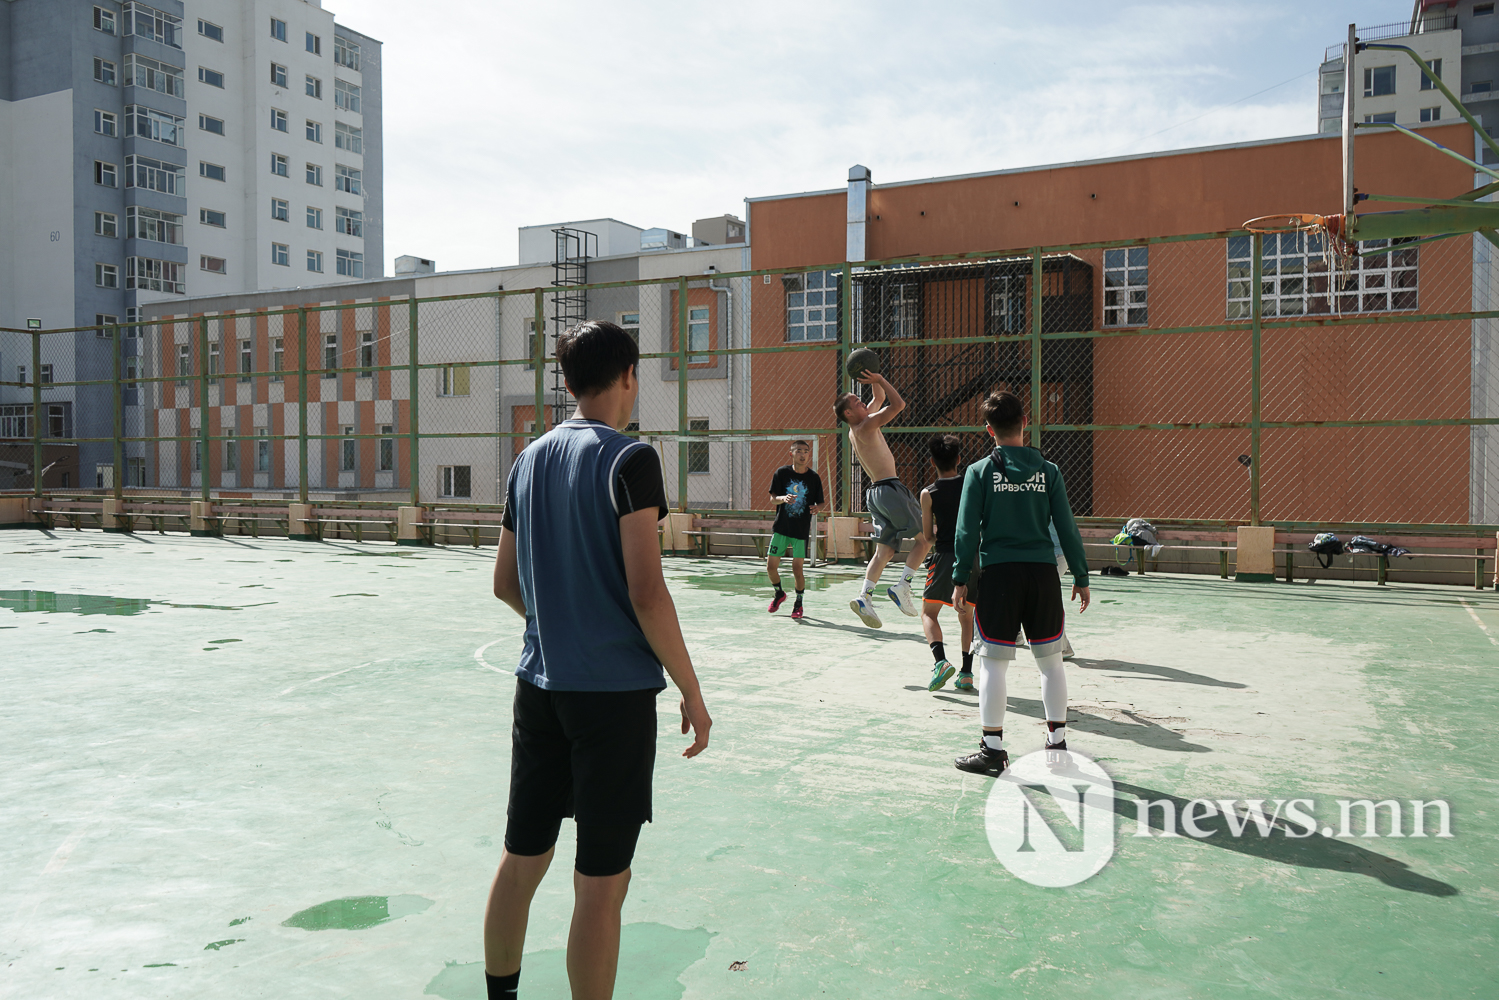 Усан спорт сургалтын төвүүд (9 of 20)